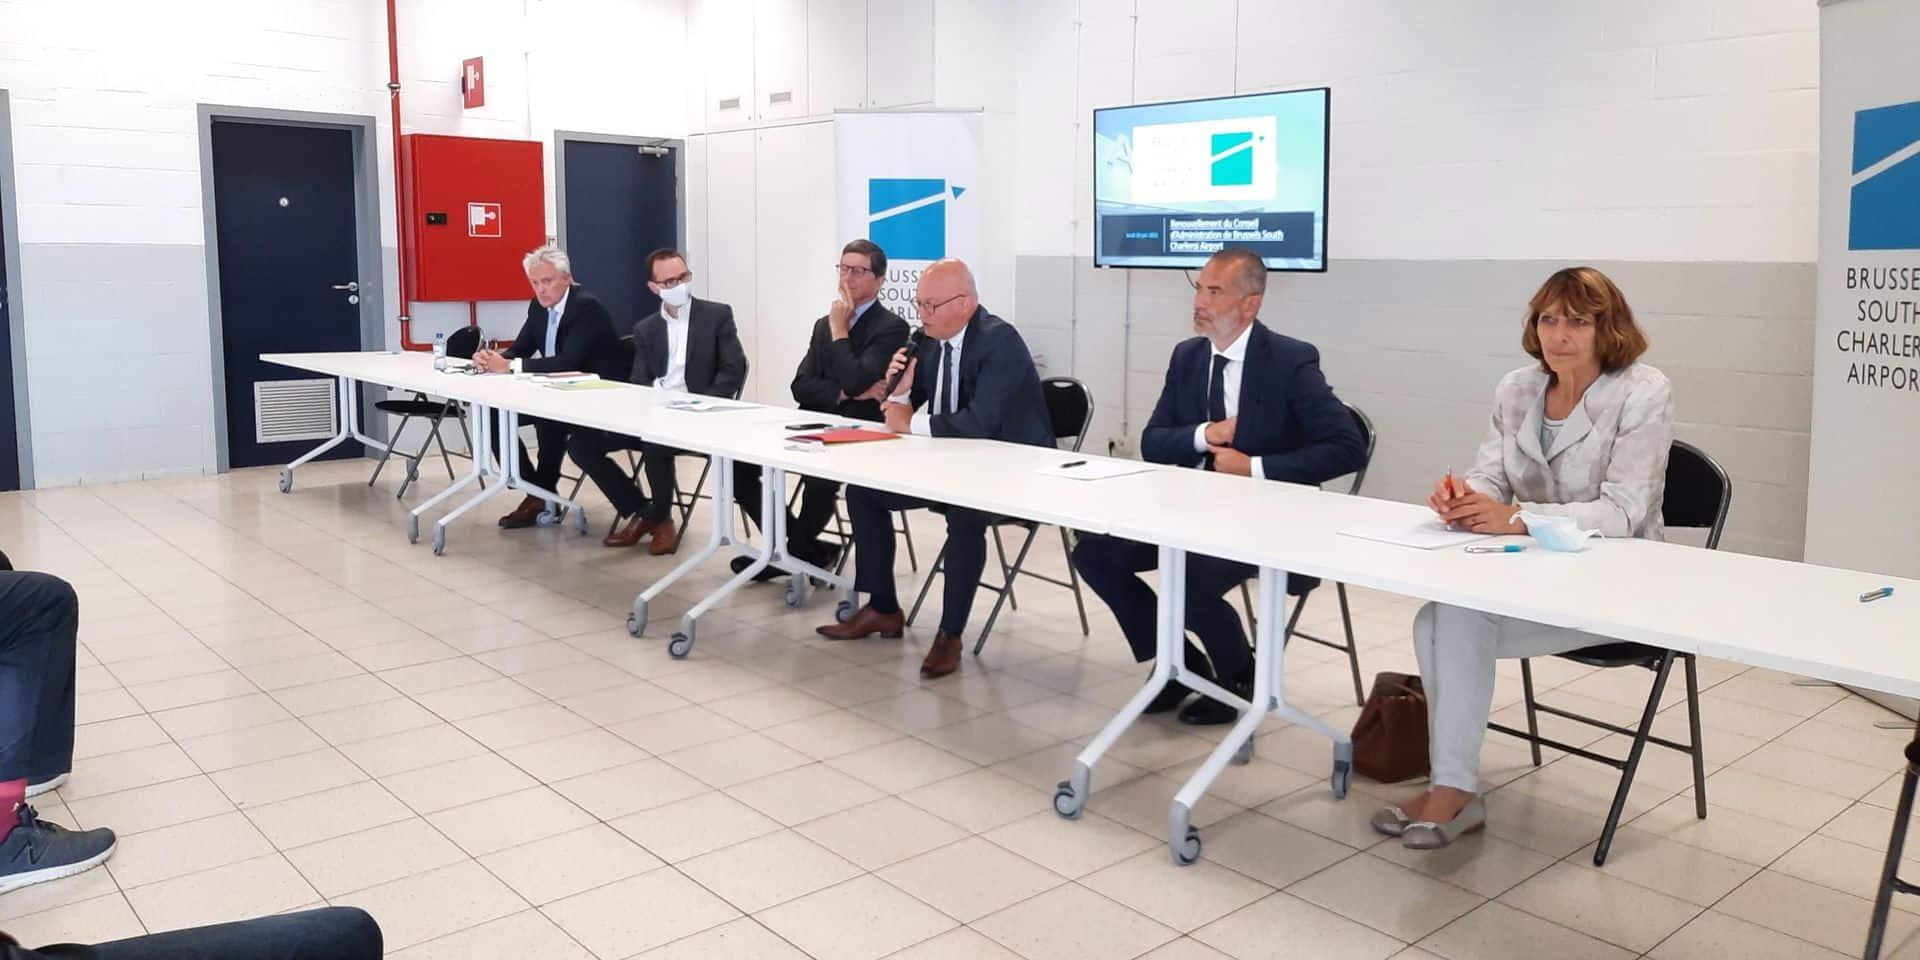 """Nouveau business plan, nouveau conseil d'administration: """"Un jour important pour l'aéroport de Charleroi"""""""